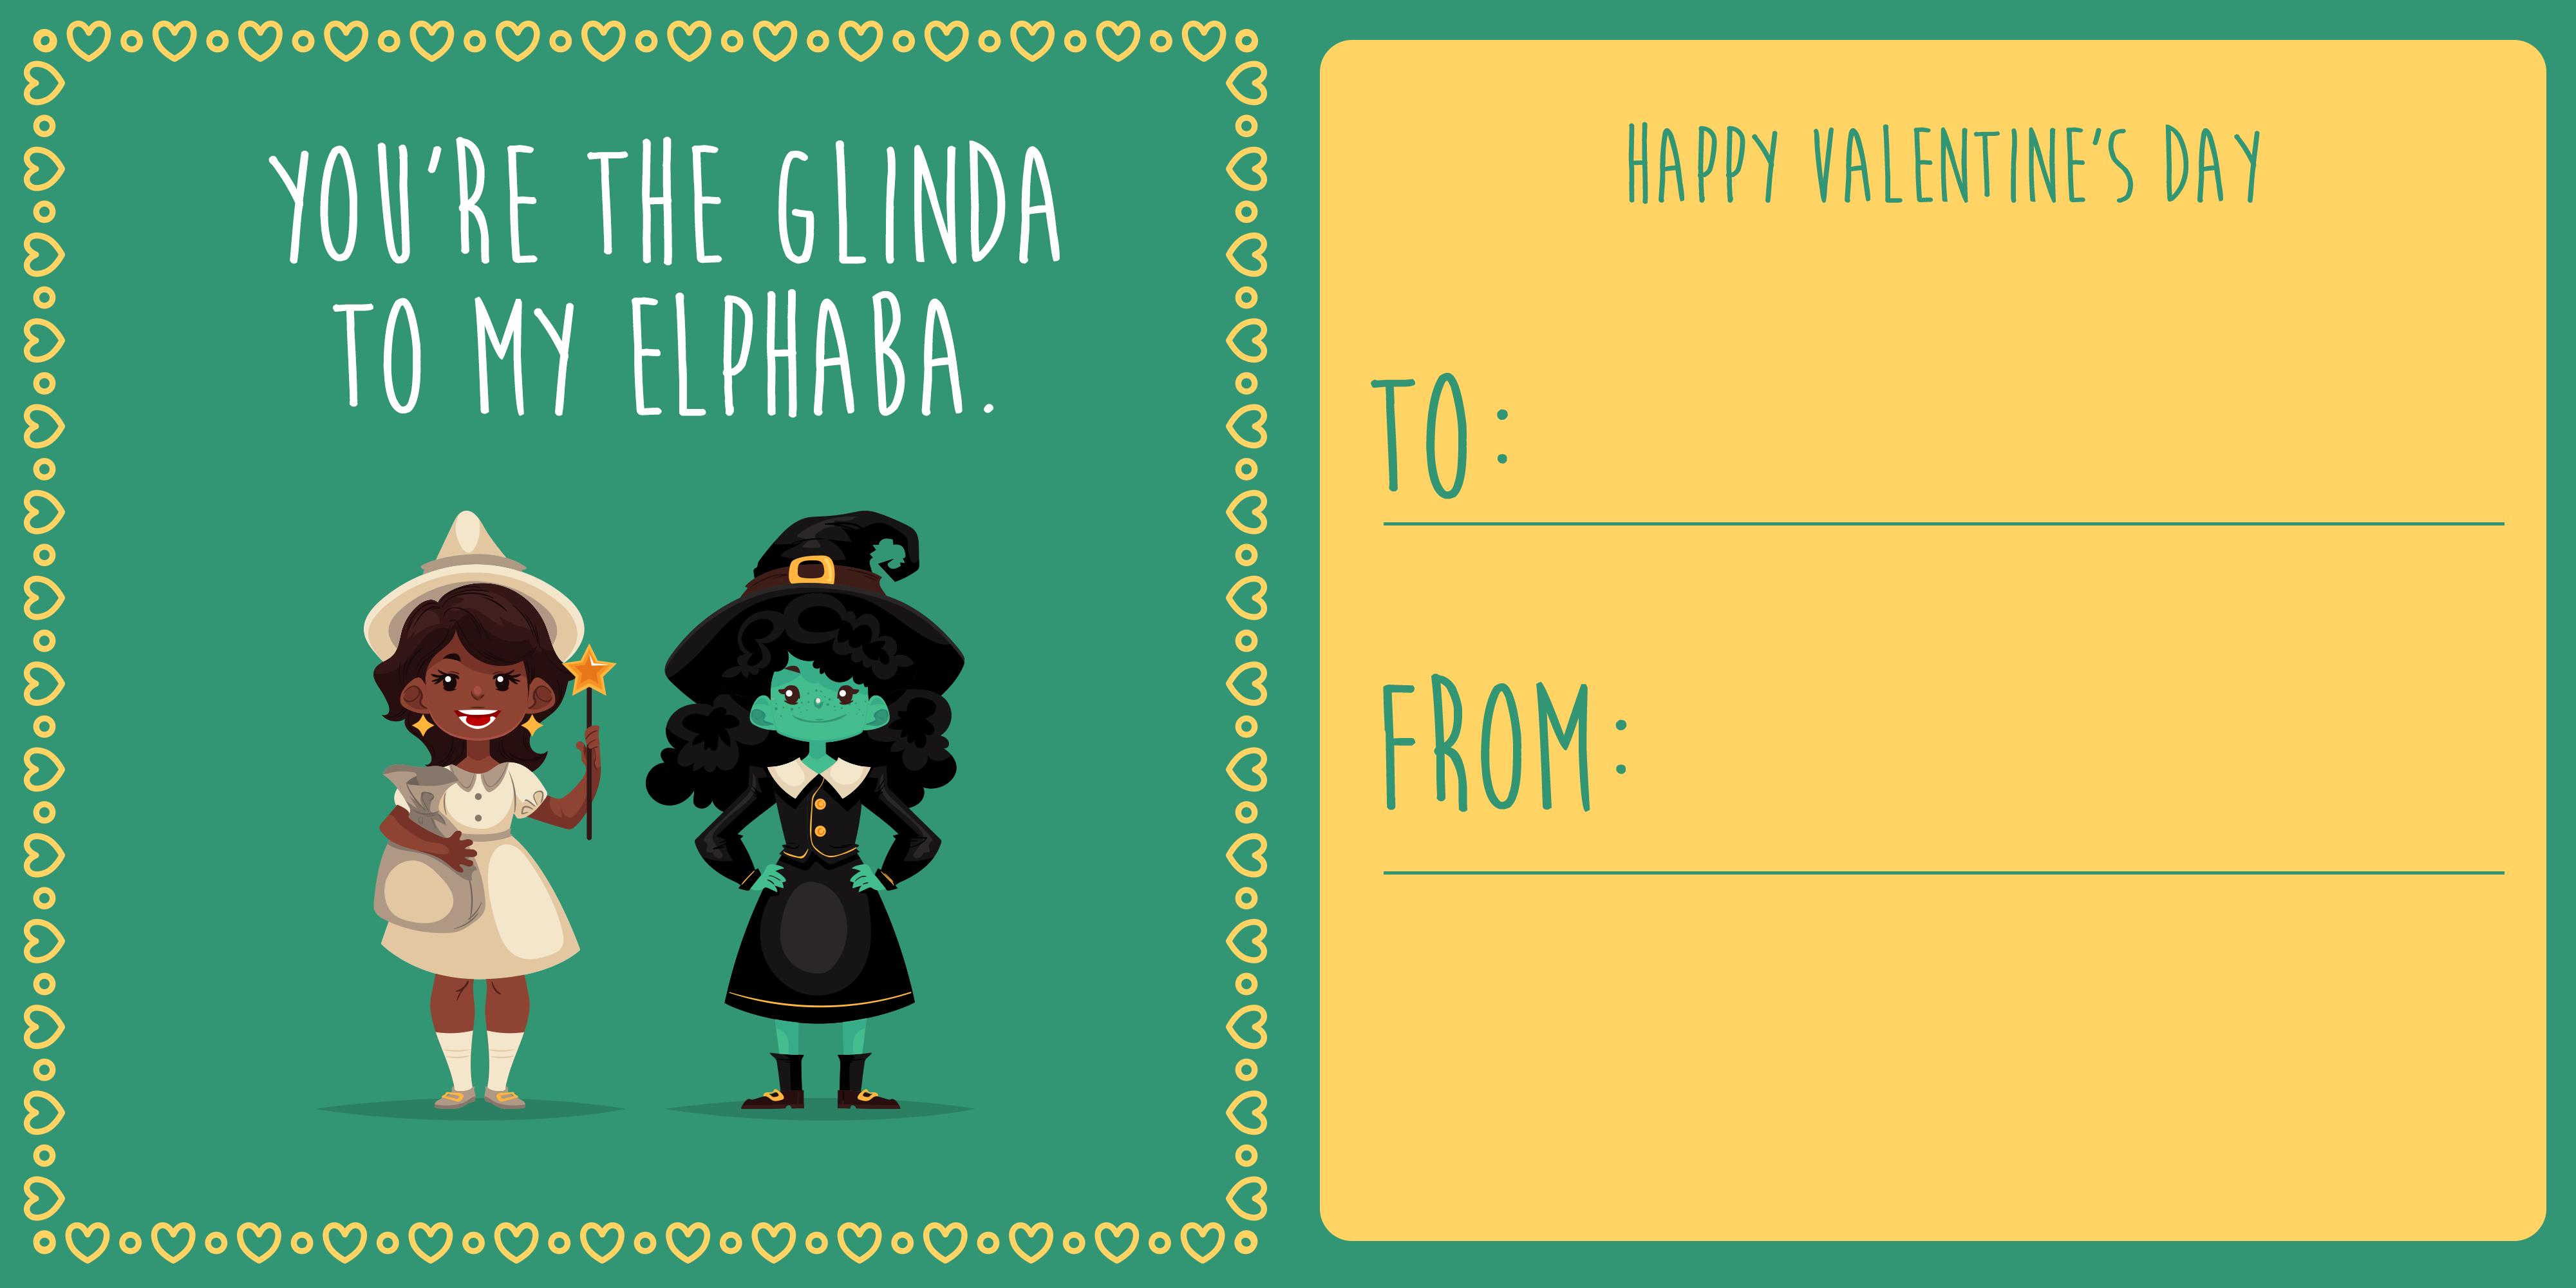 Glinda - Card